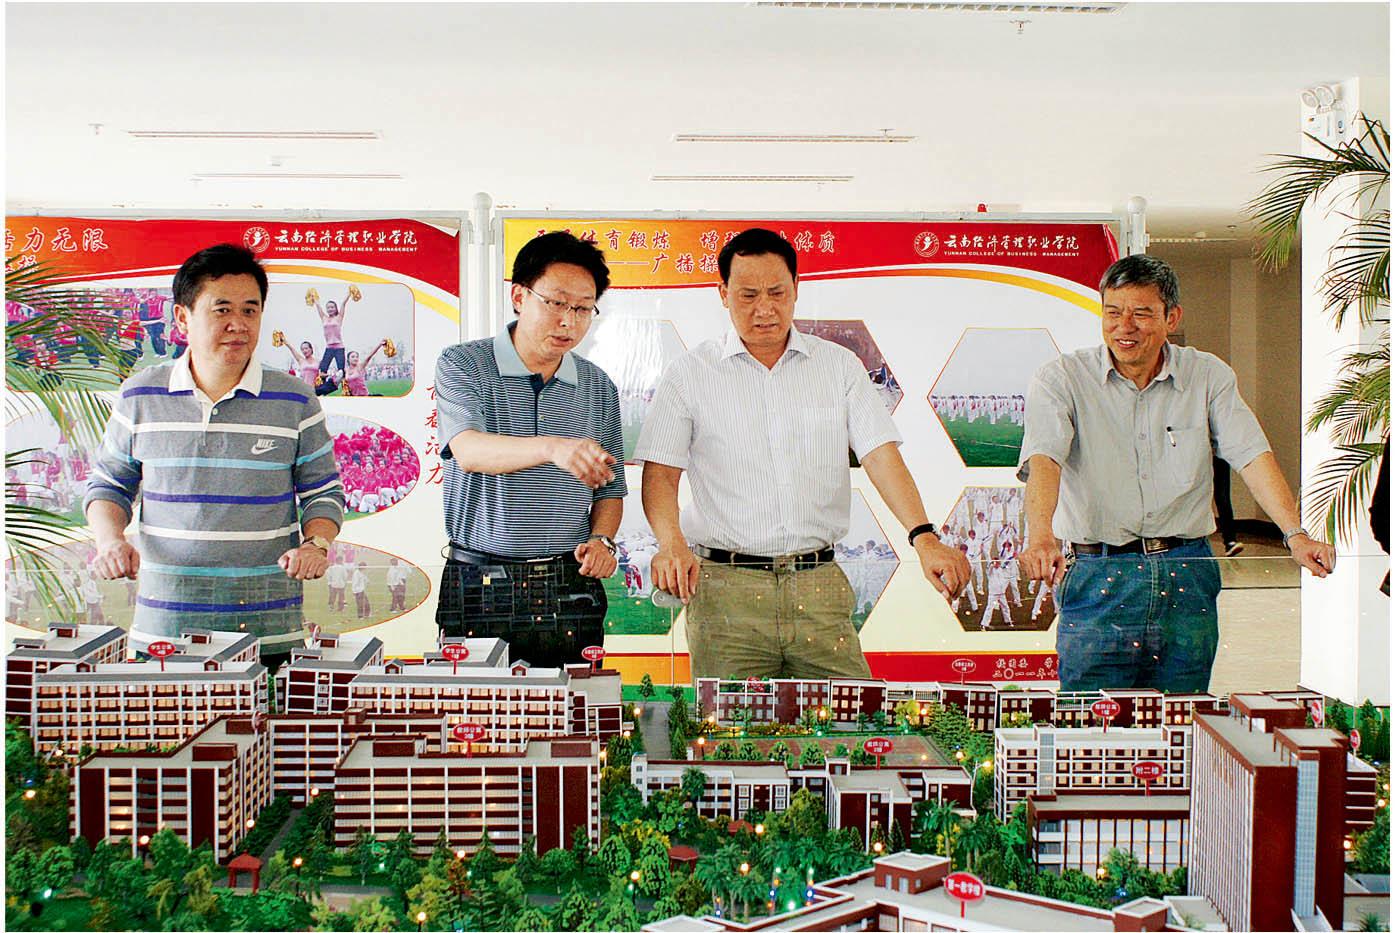 2012年4月25日,云南省招生考试院党委书记杨嘉华(右二)莅临安宁校区指导工作